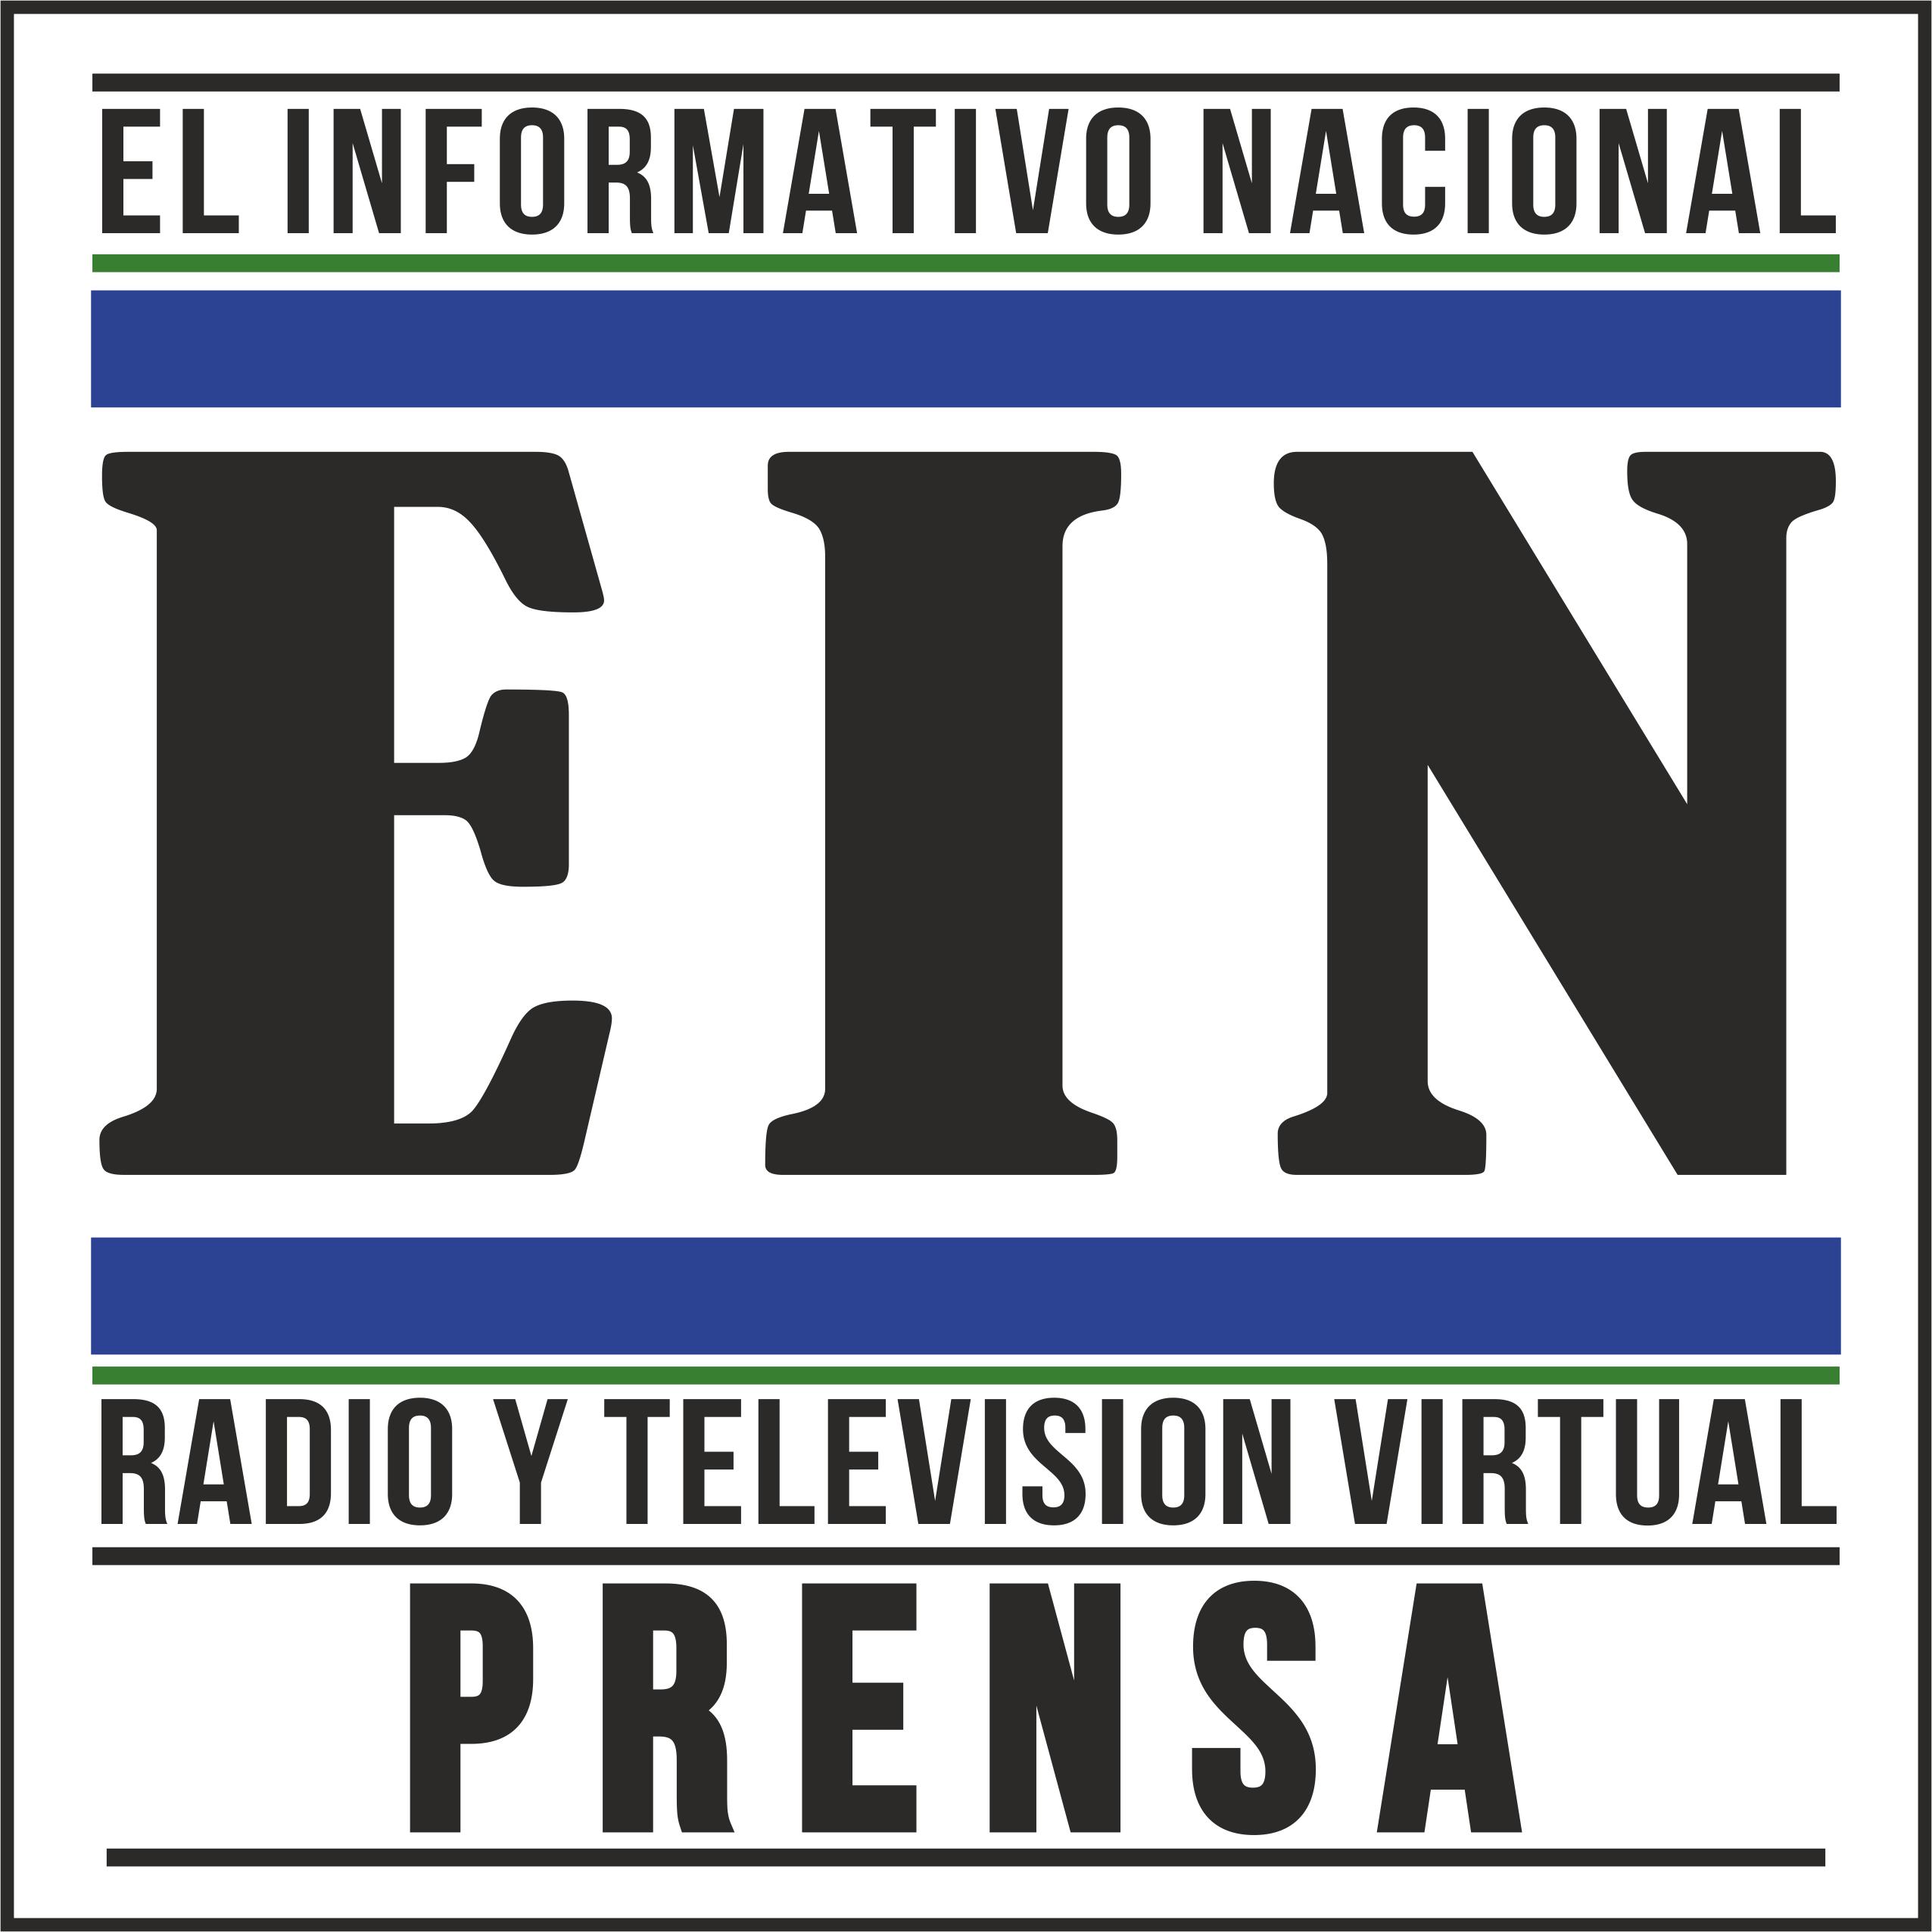 El Informativo Nacional